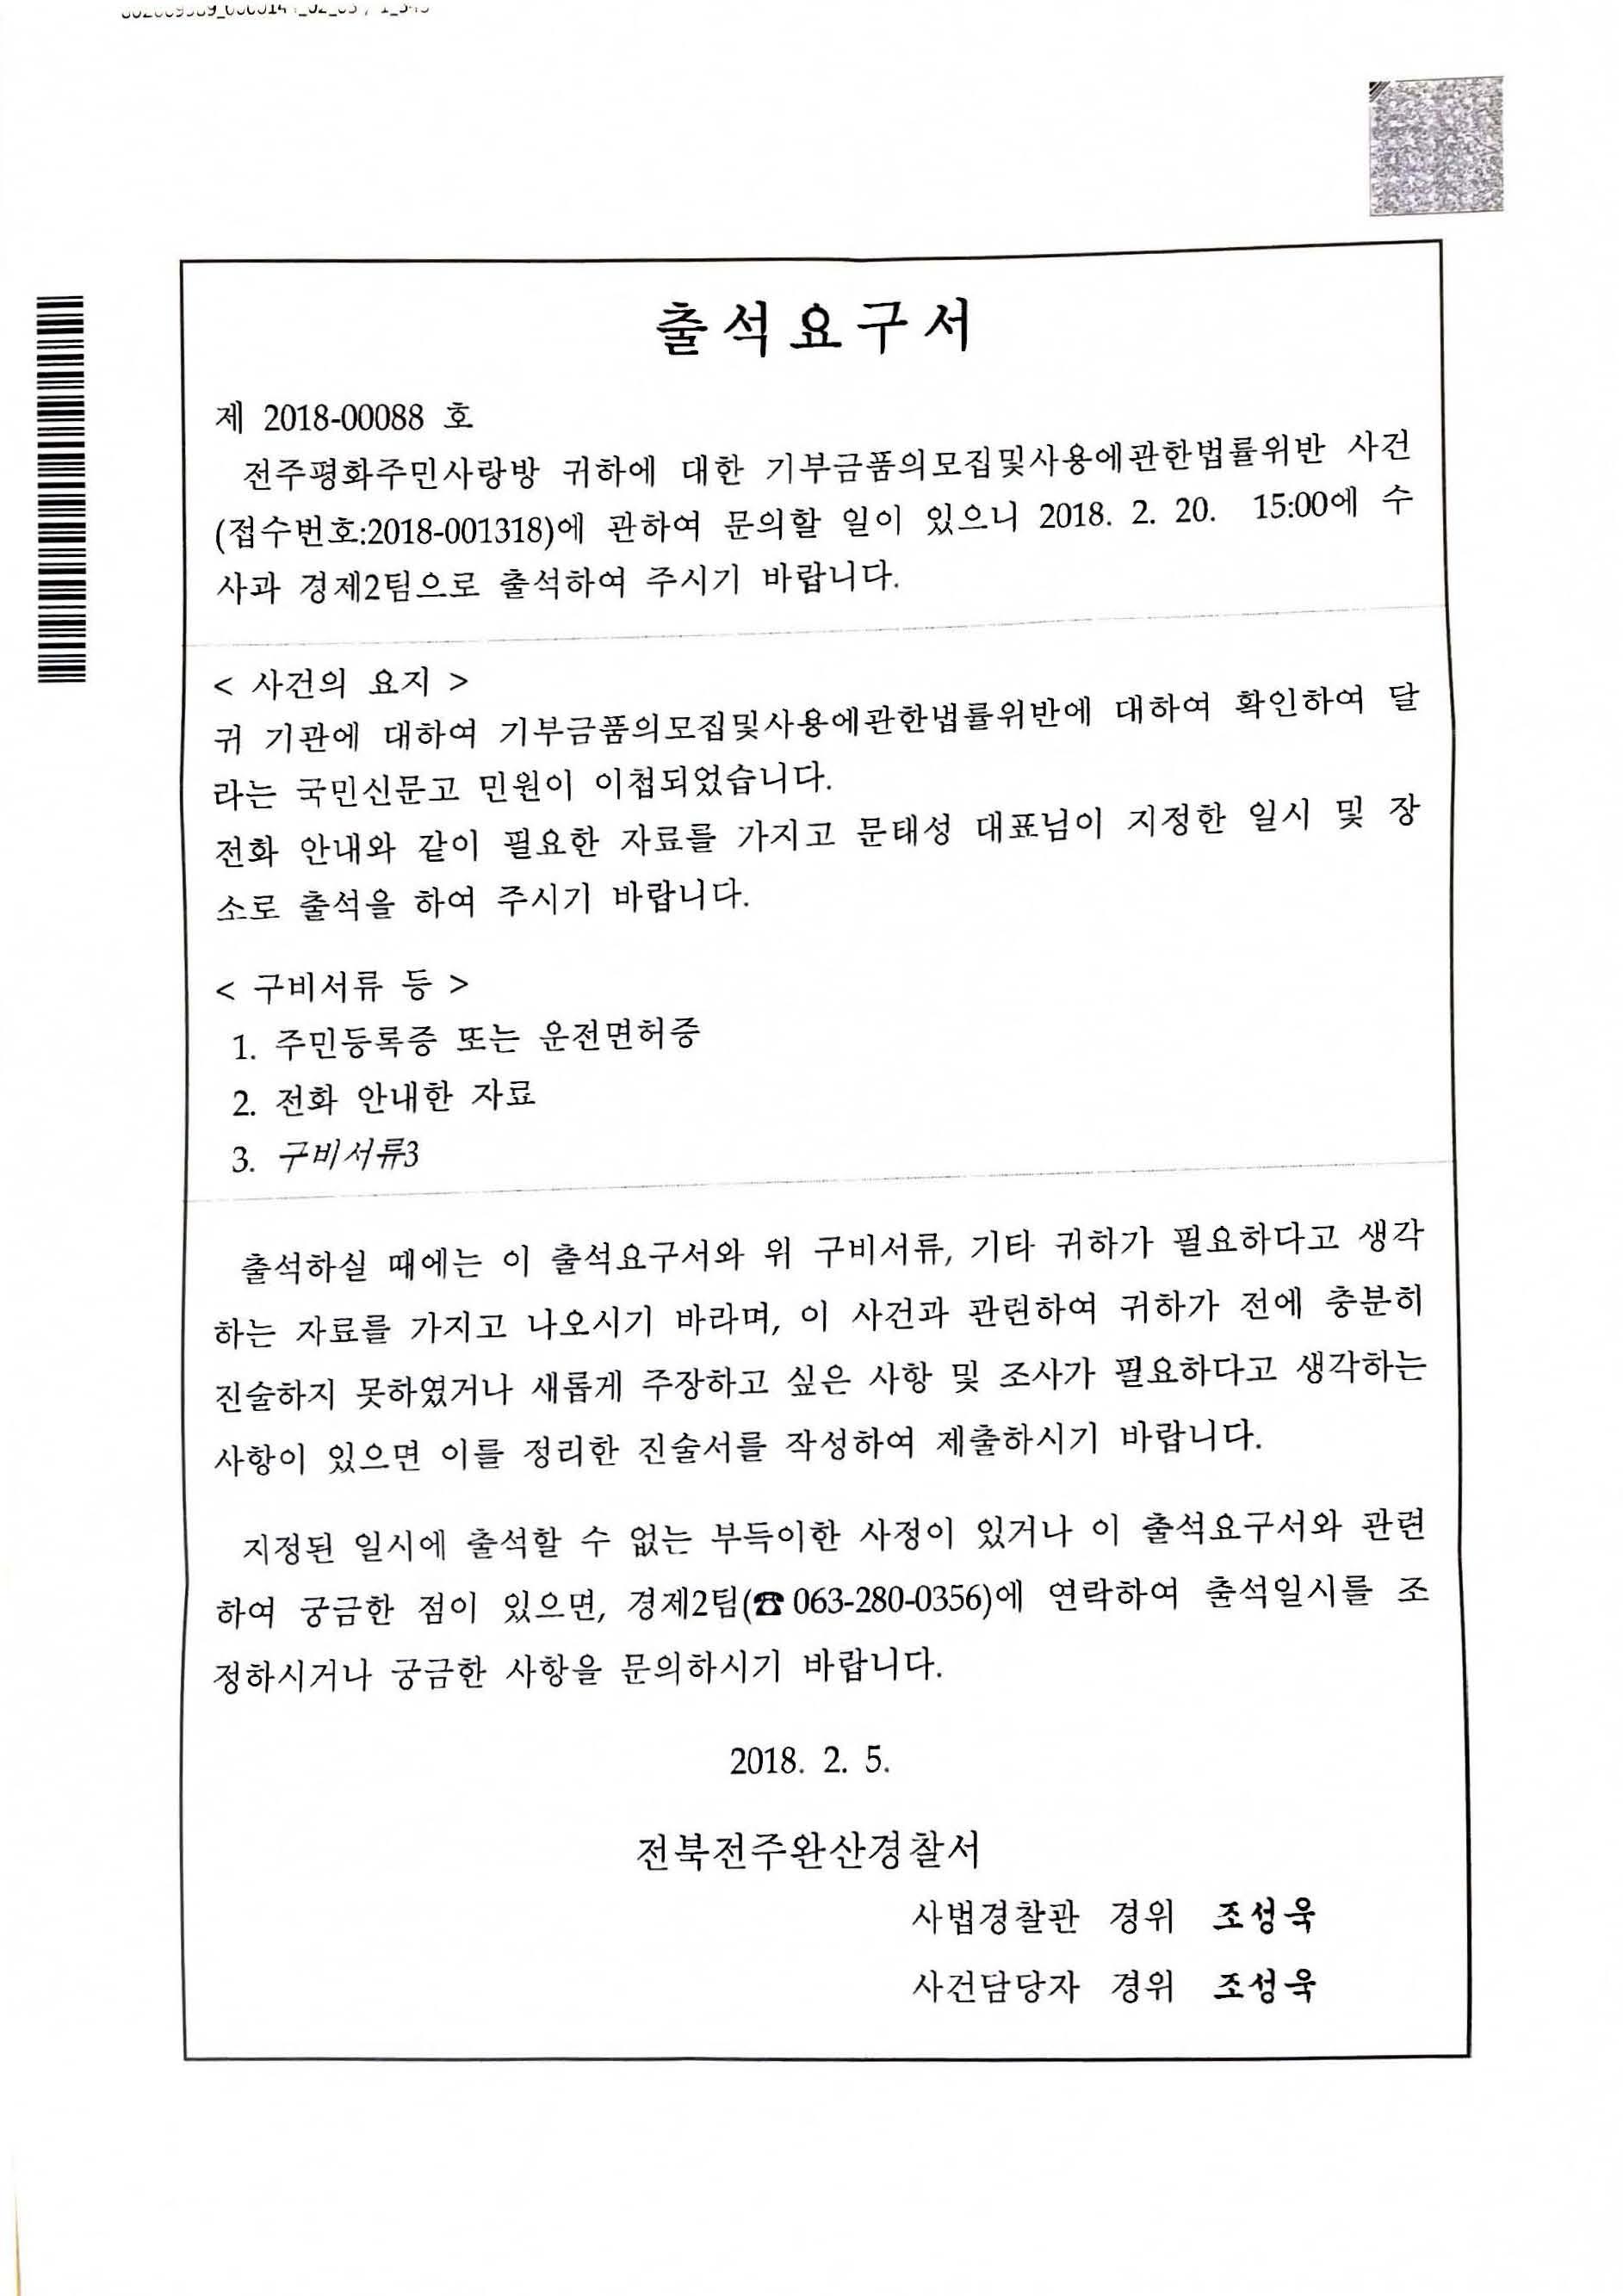 18.2.20_전주완산경찰서 출석요구서(기부금품법 위반).jpg